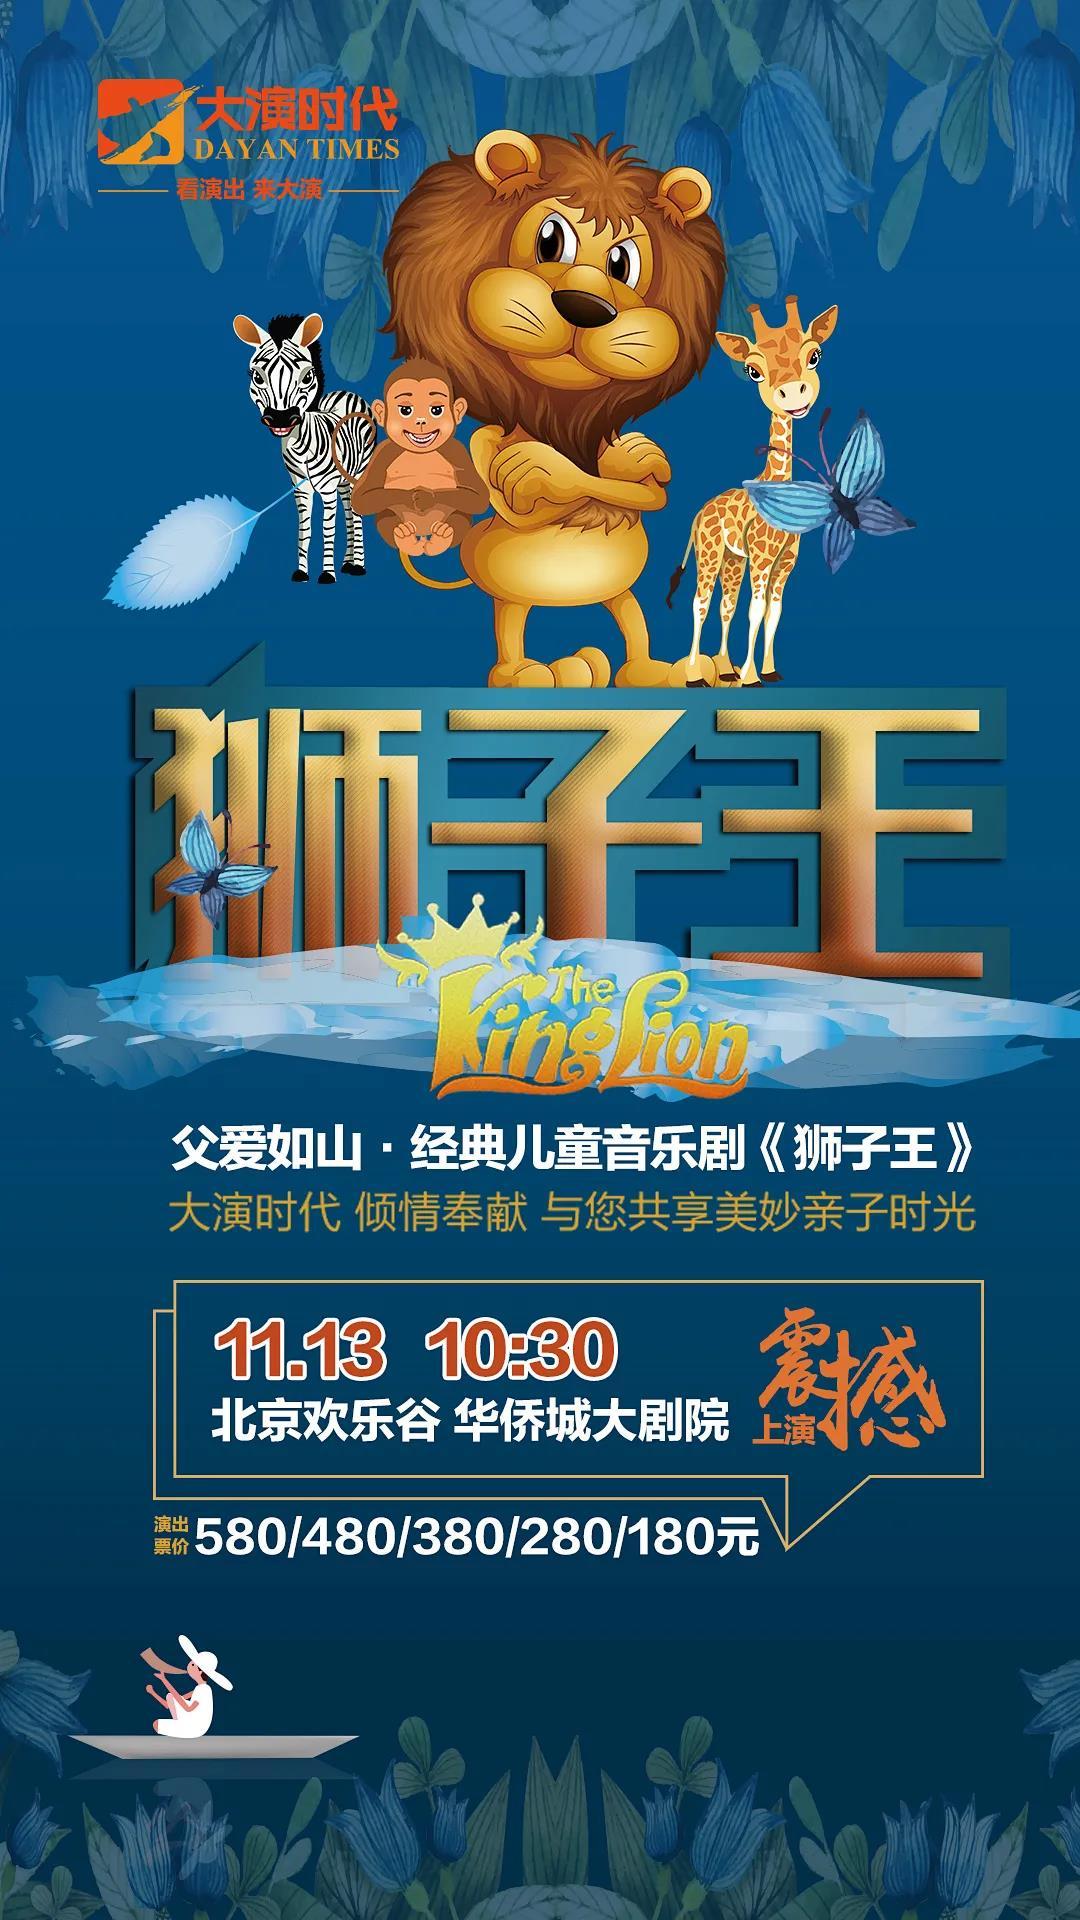 【北京】父爱如山·经典儿童音乐剧《狮子王》